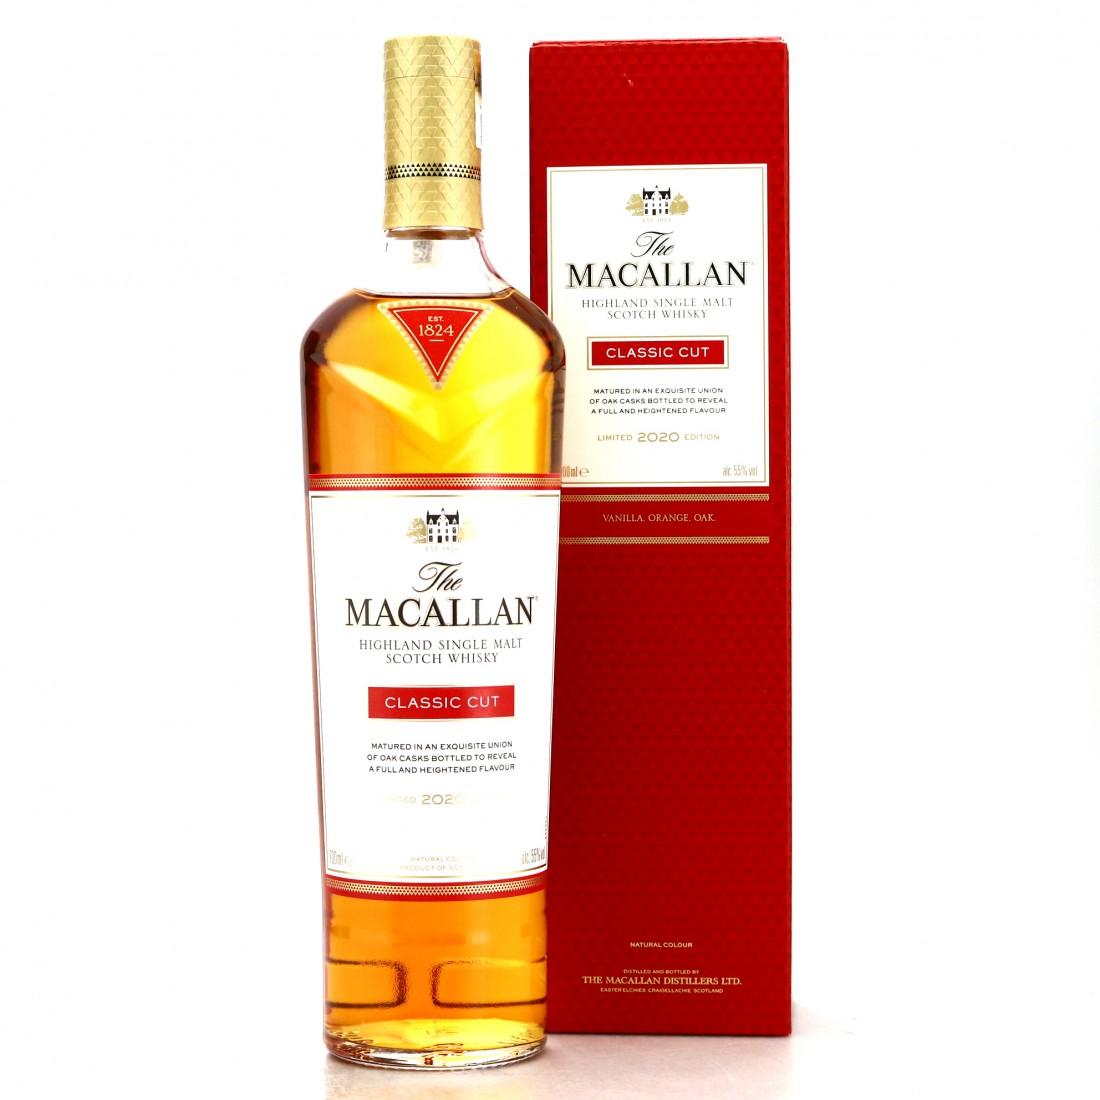 Macallan Classic Cut 2020 Release